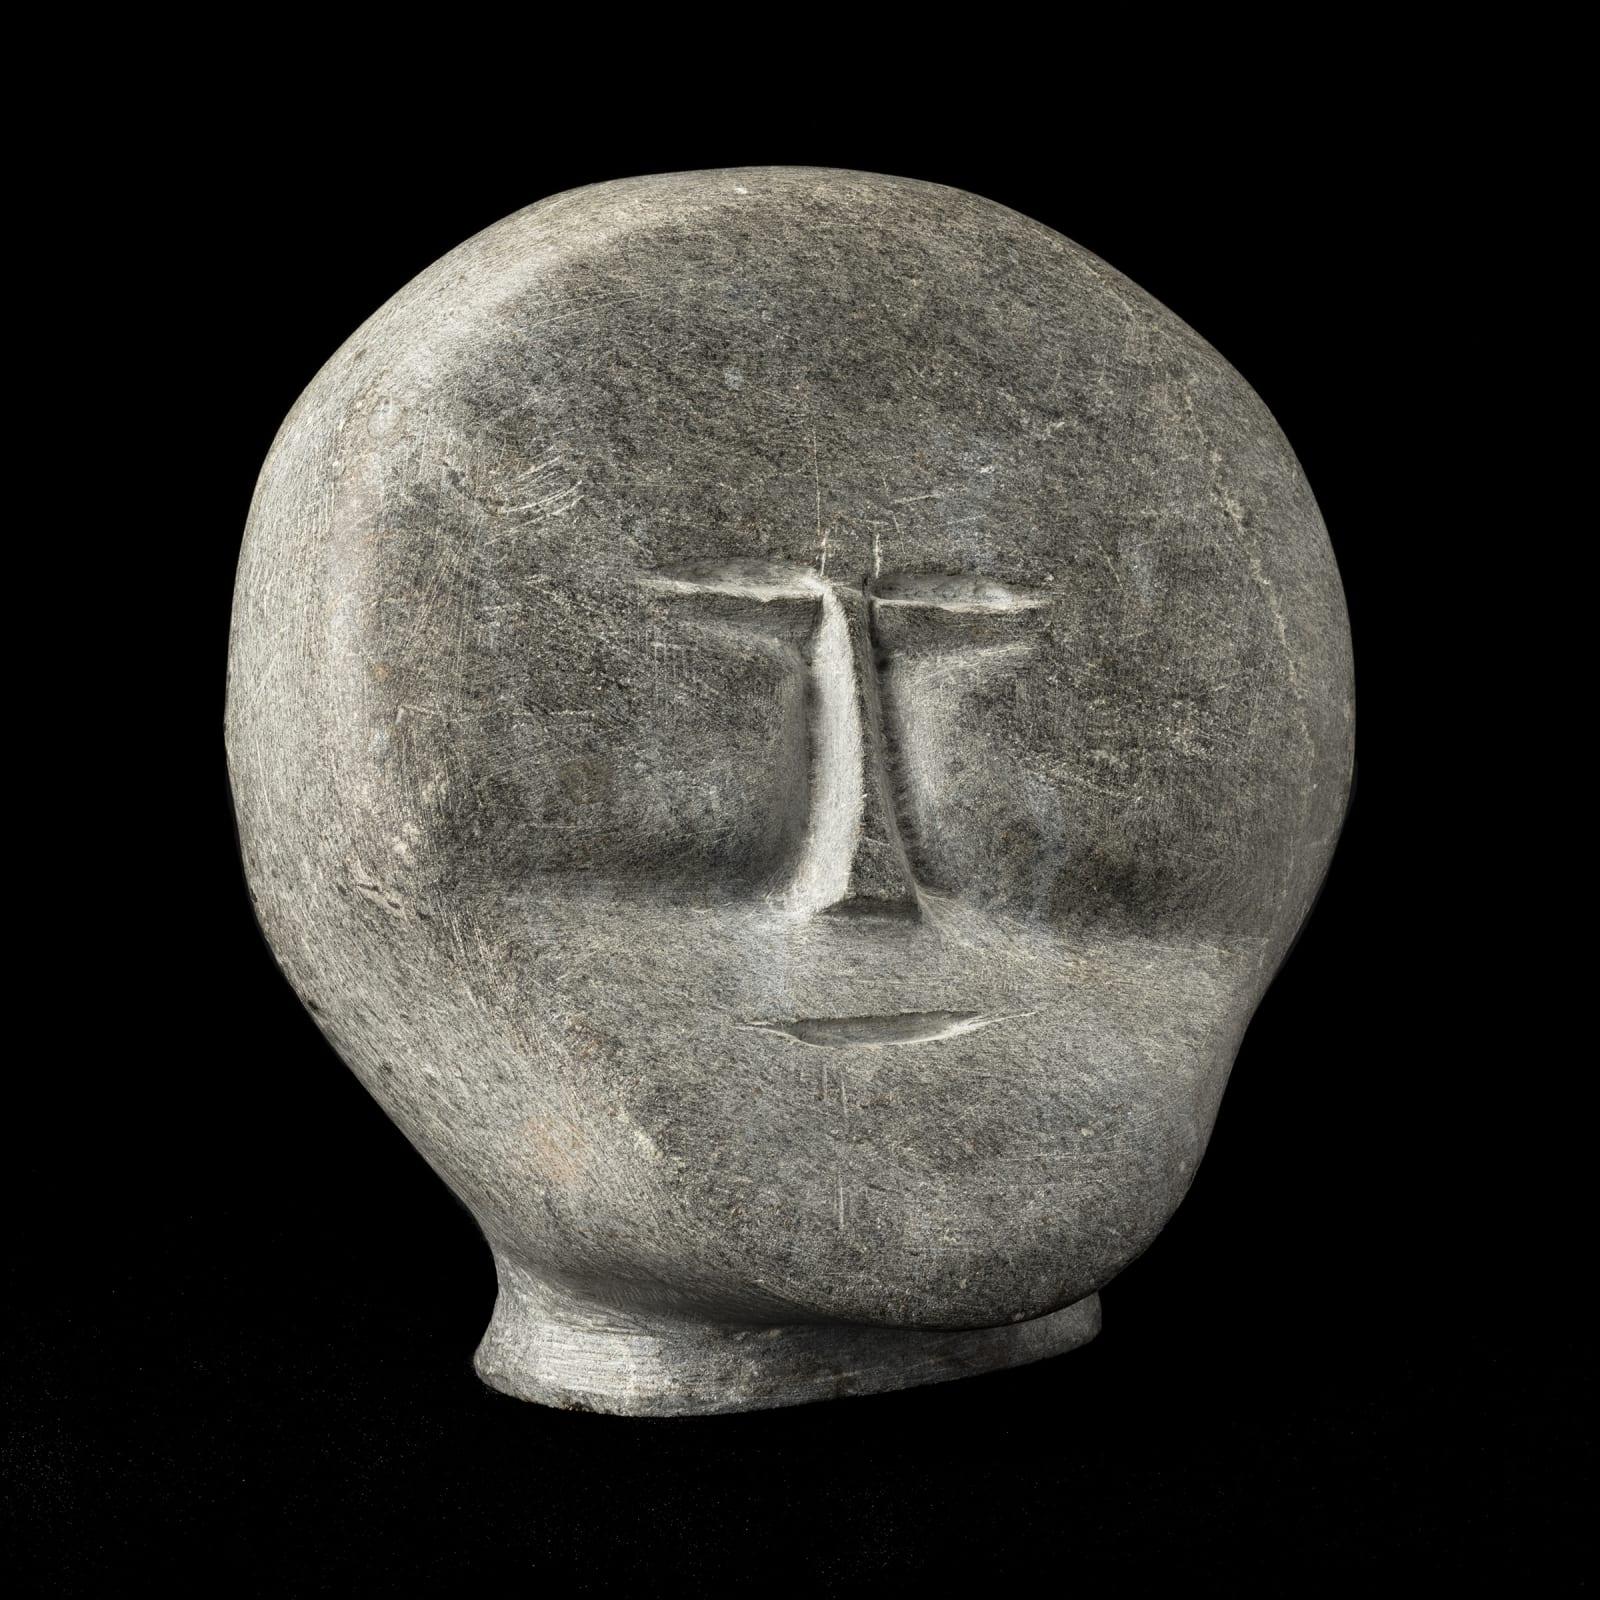 JOHN TIKTAK, R.C.A. (1916-1981) KANGIQLINIQ (RANKIN INLET) Head, c. 1965-6 REALIZED: $28,800